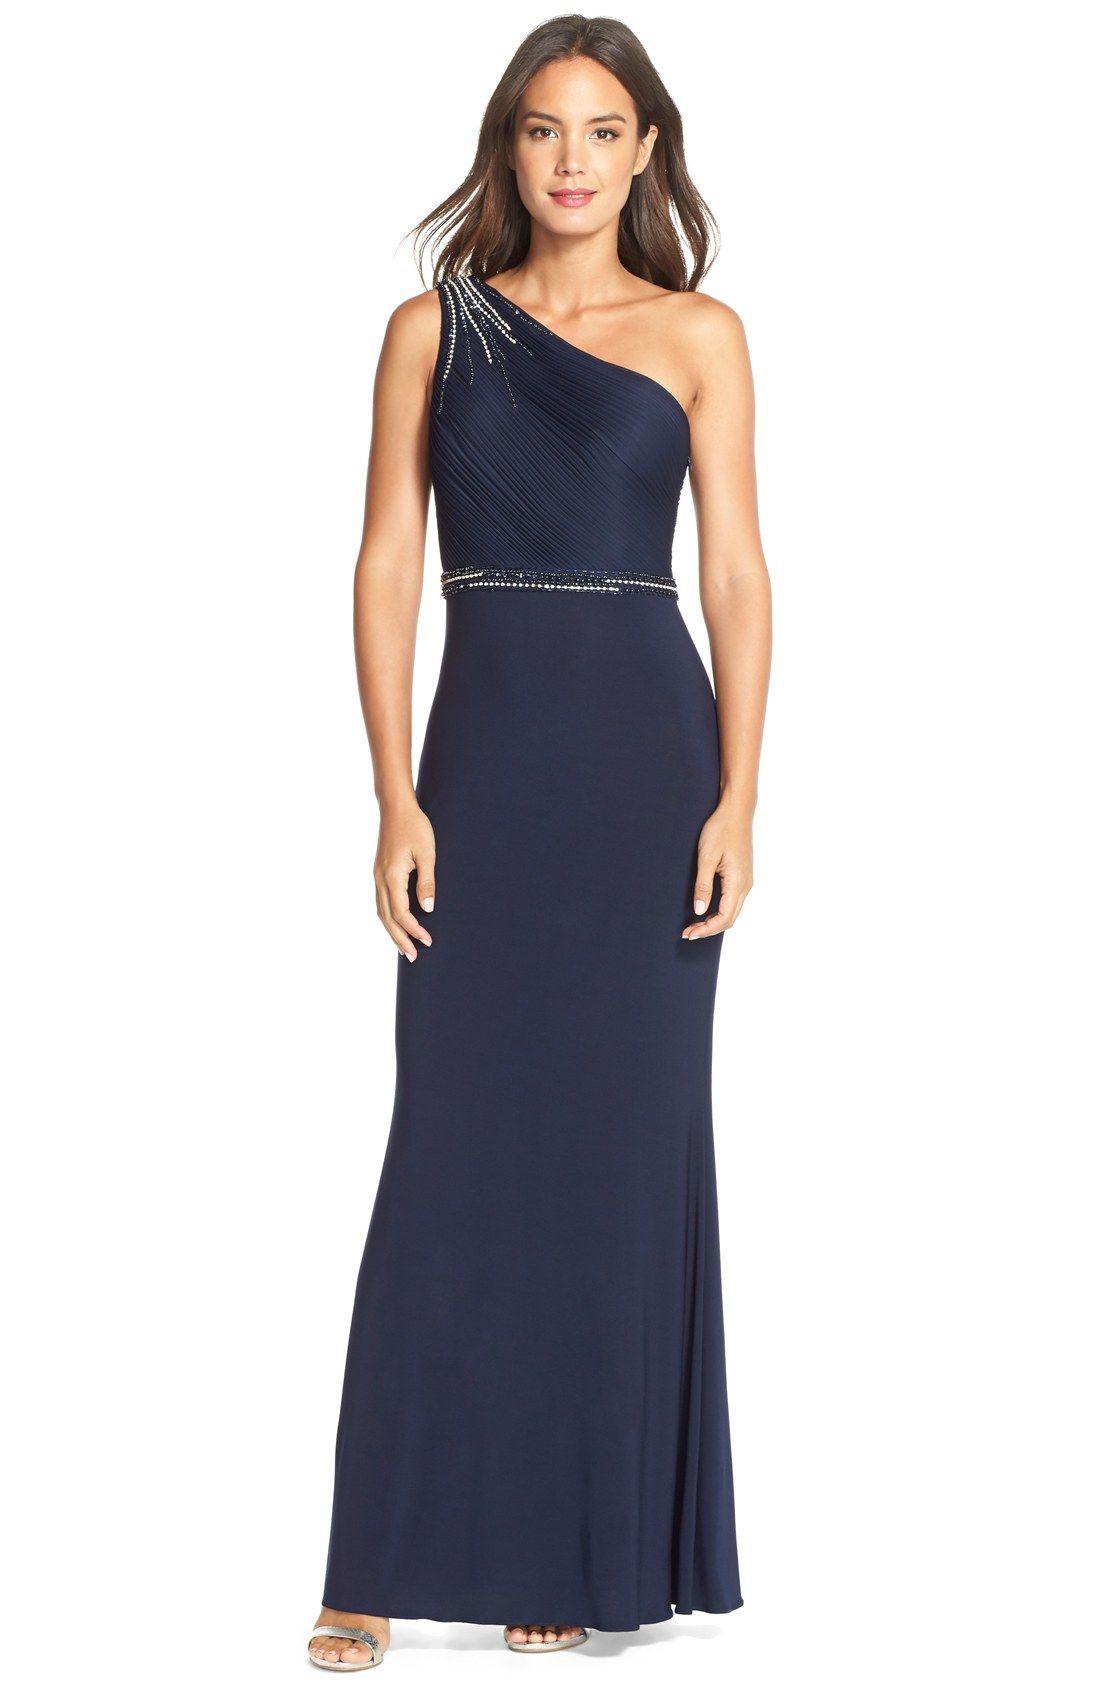 Js boutique embellished oneshoulder jersey gown indie unmasked